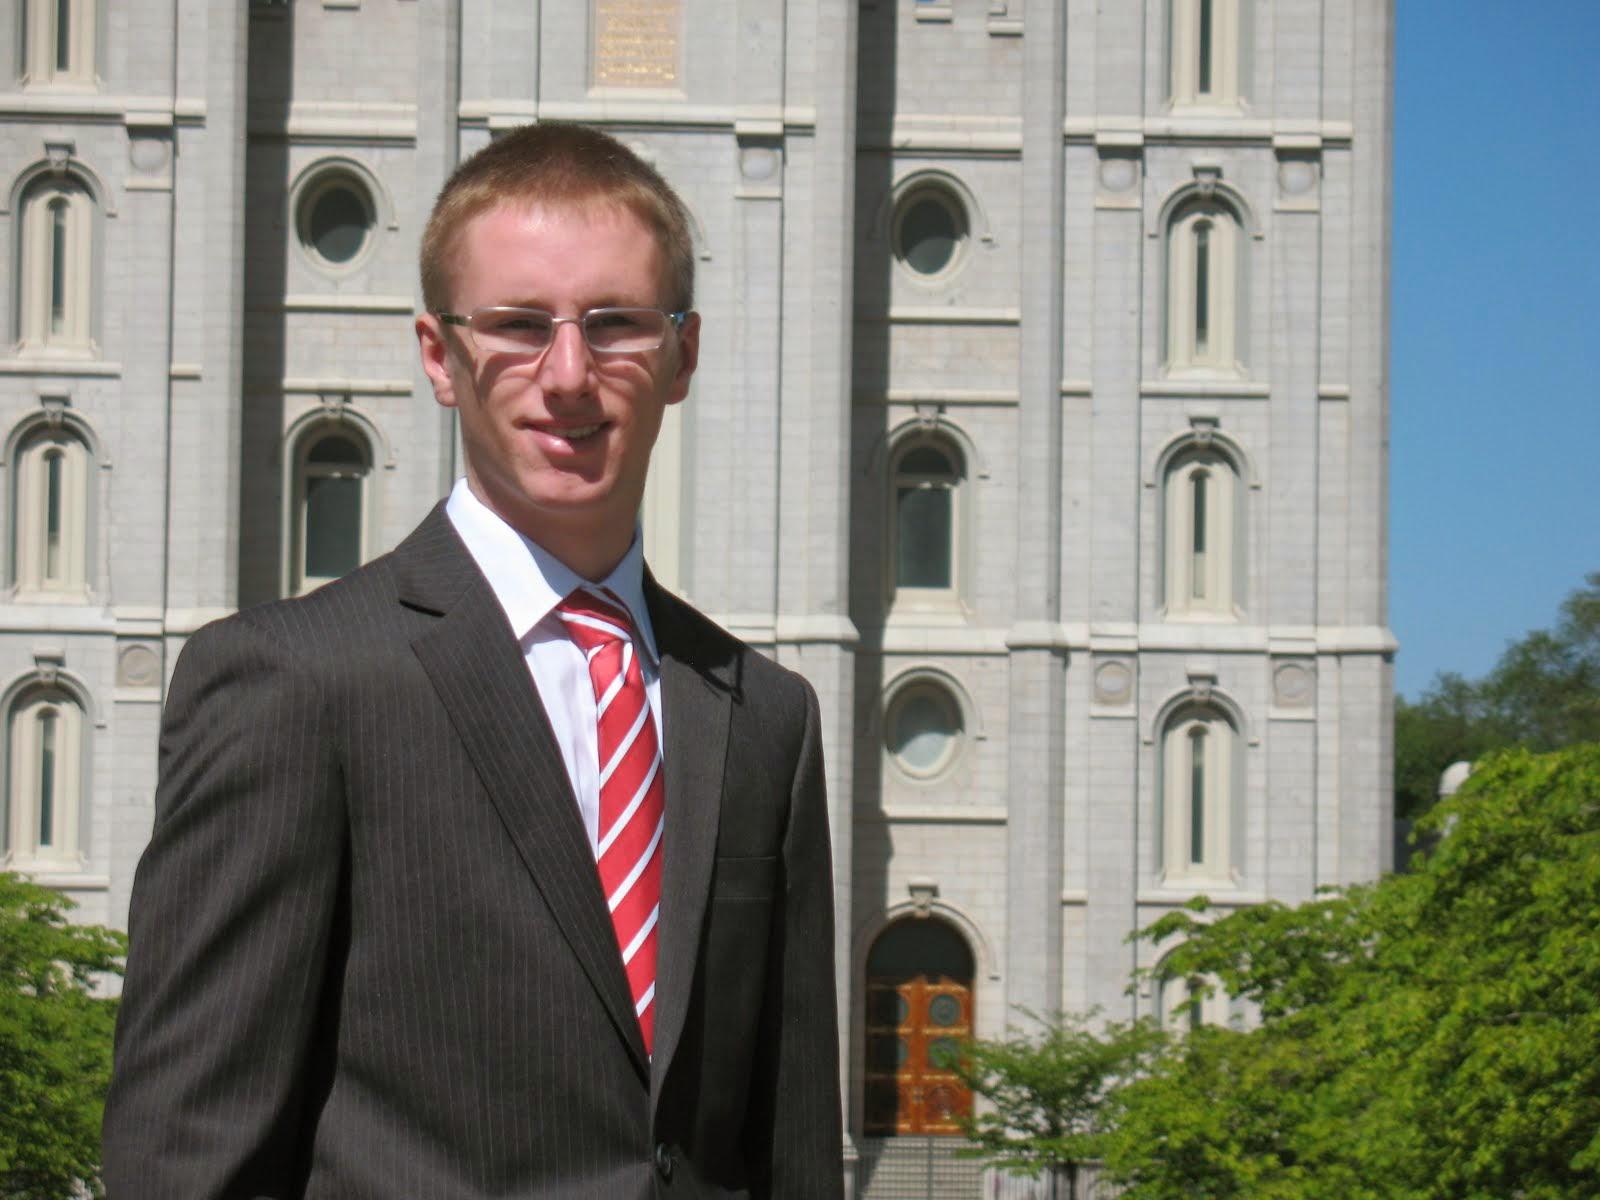 Elder Hartvigsen